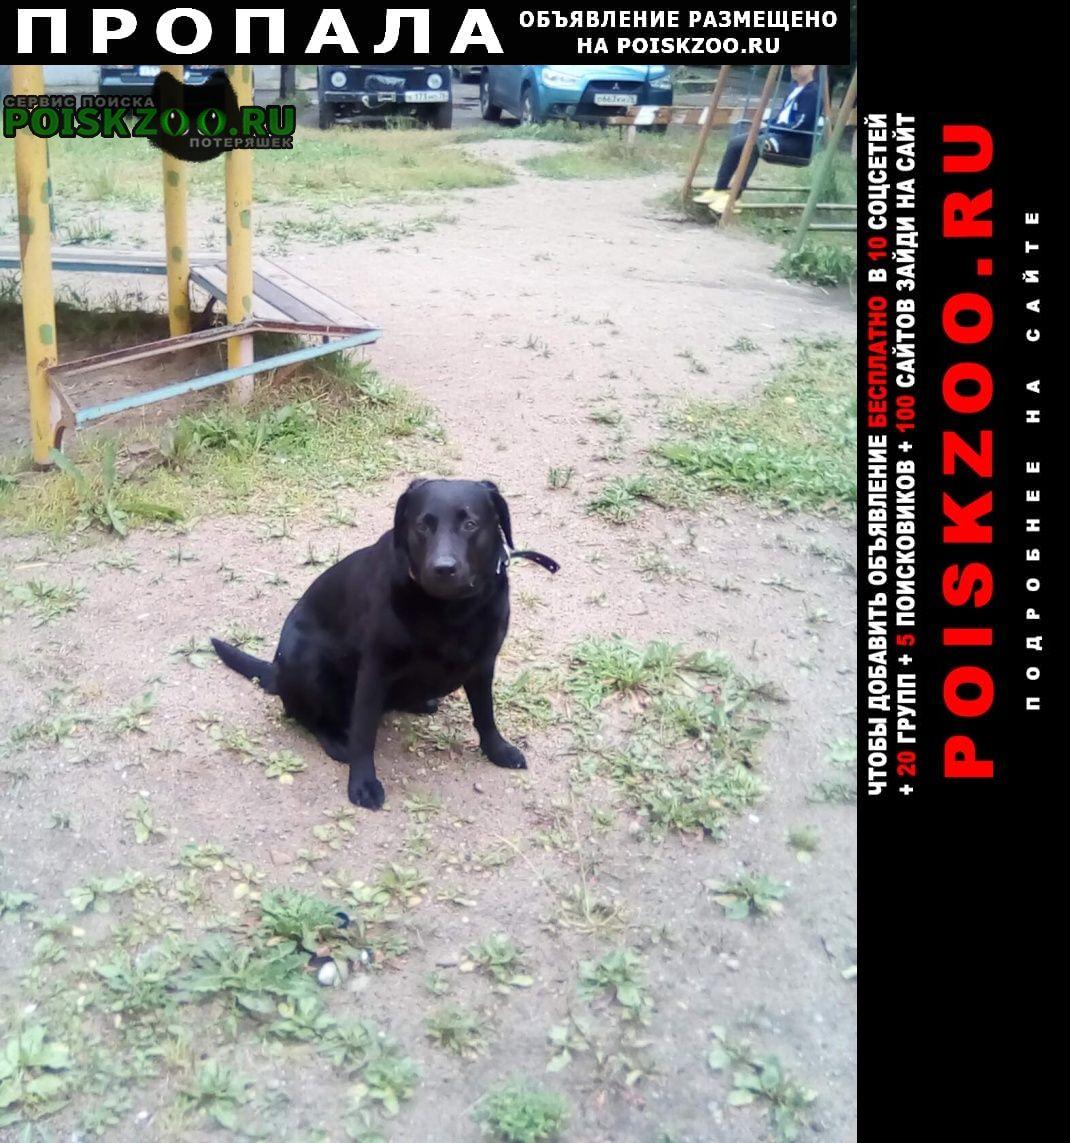 Ярославль Пропала собака чёрный лабрадор